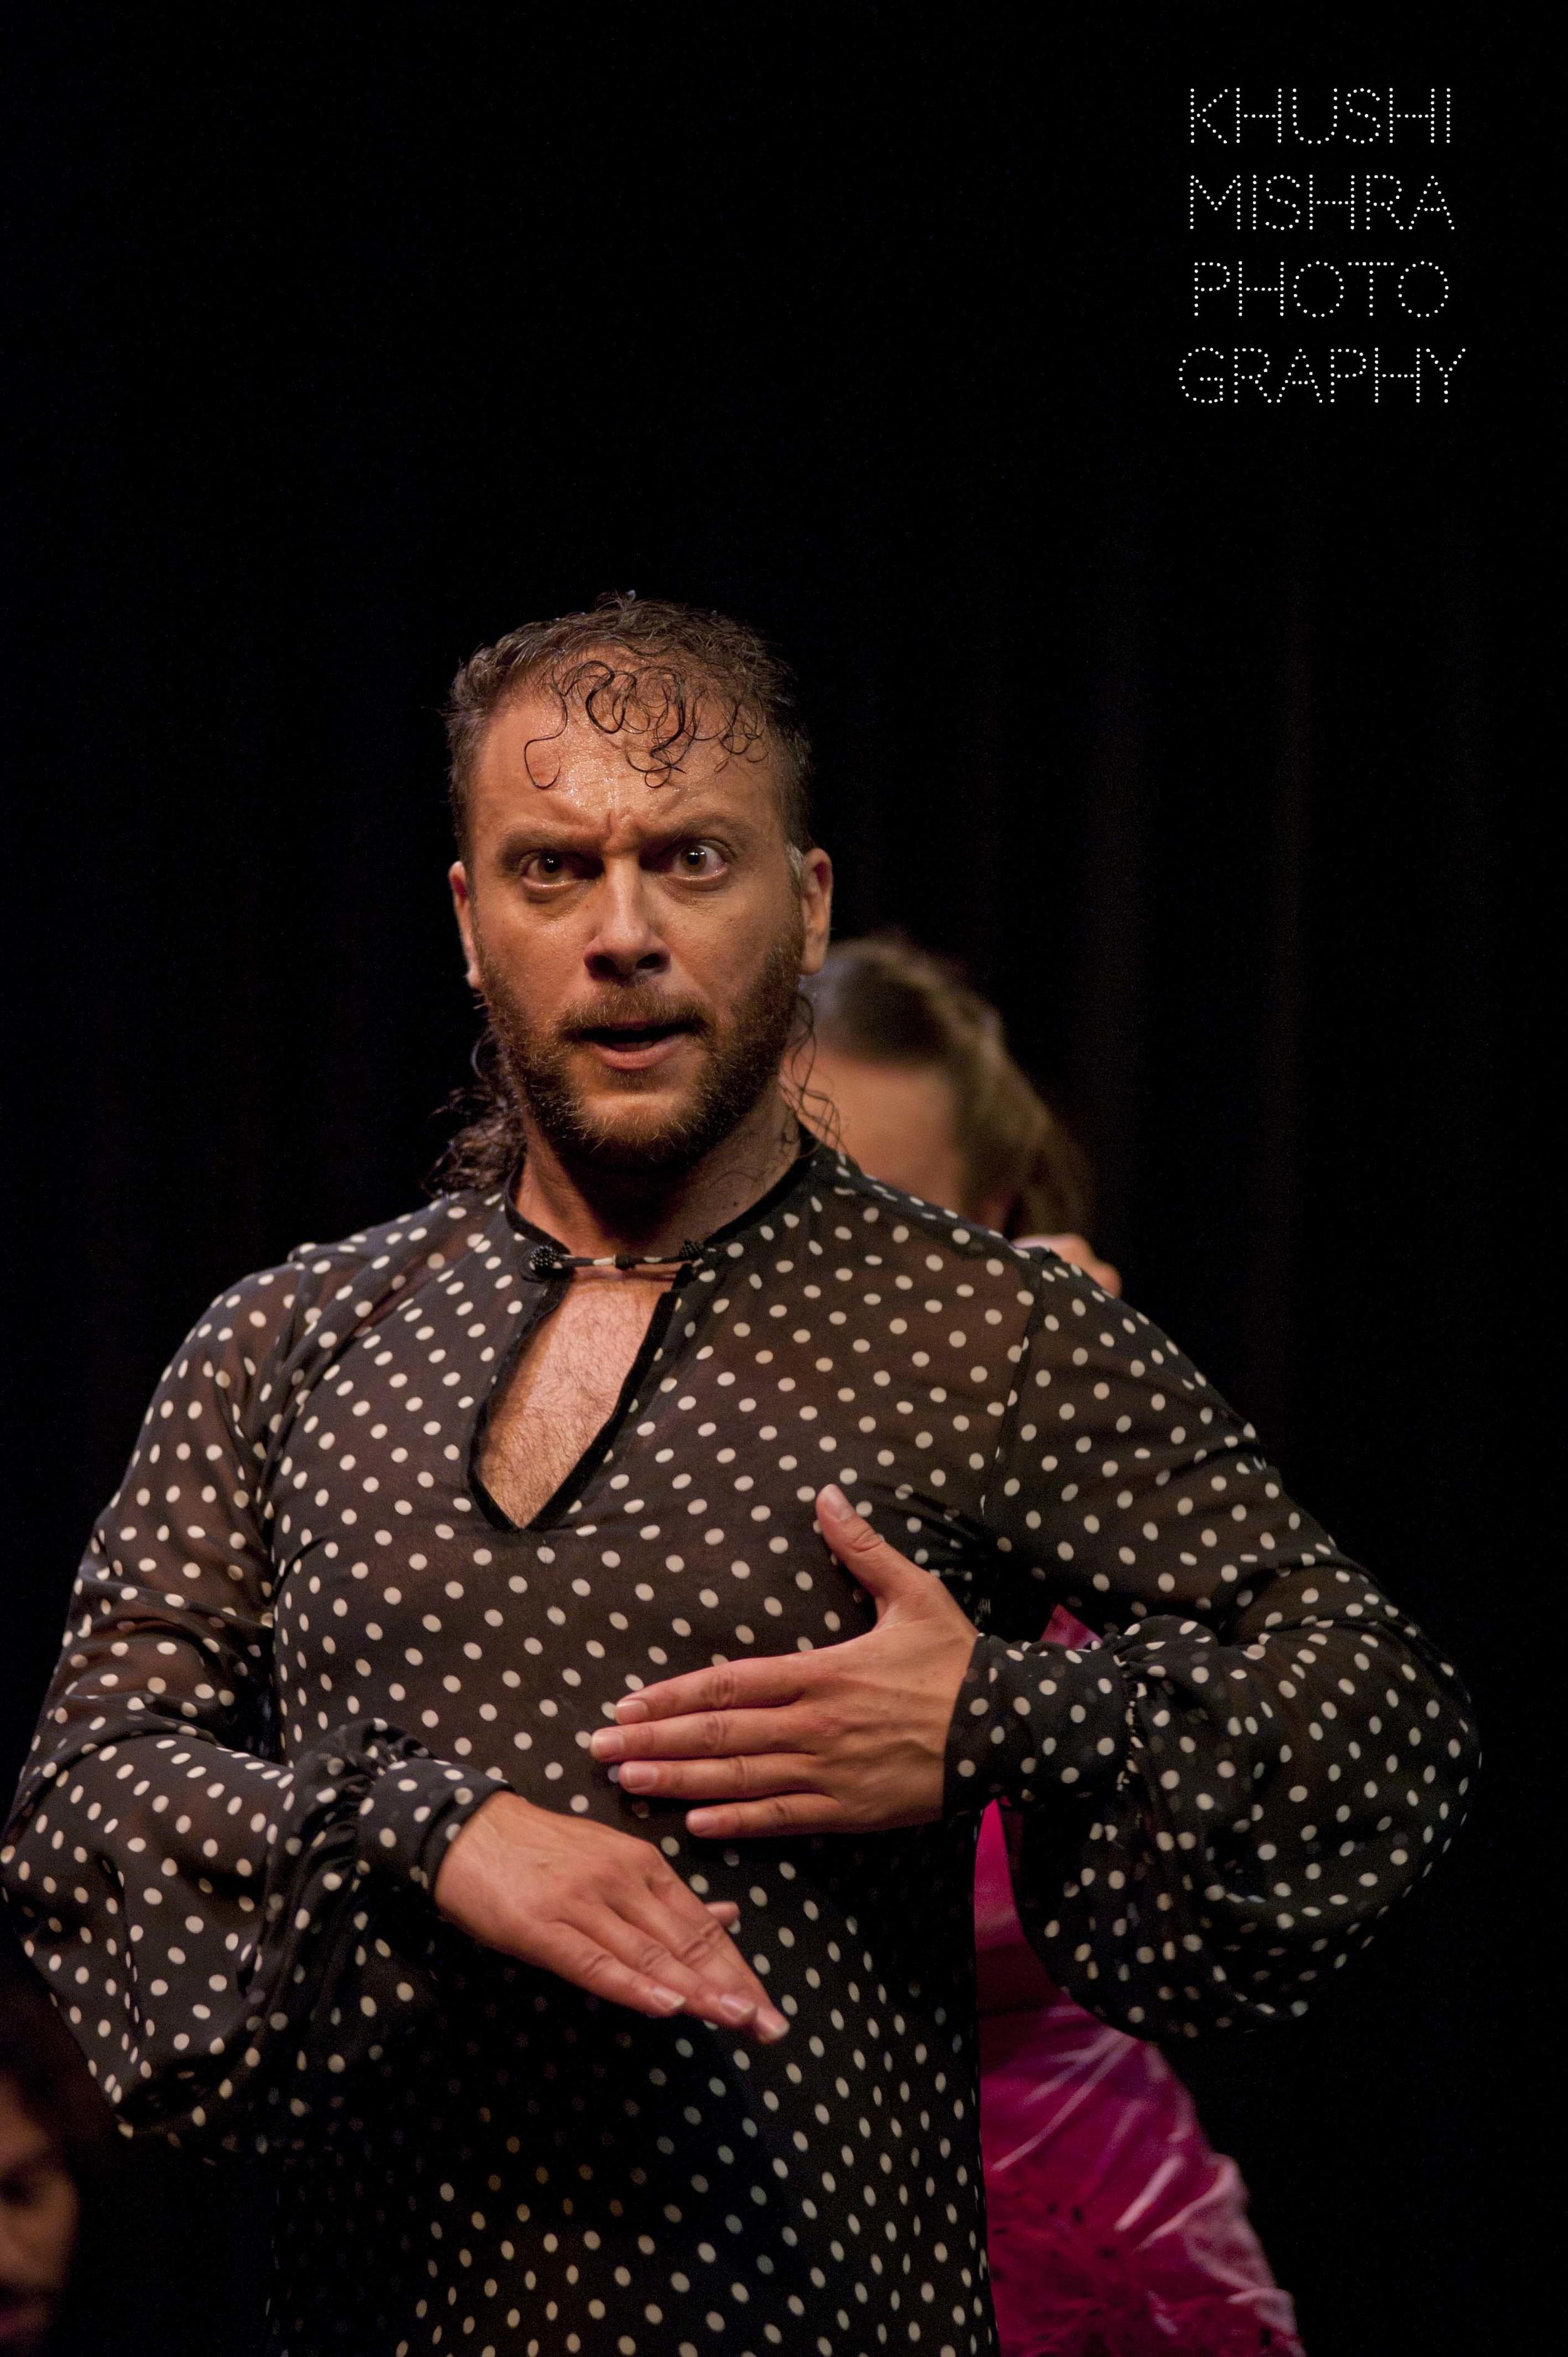 Flamenco_dsc_7999 copy.jpg